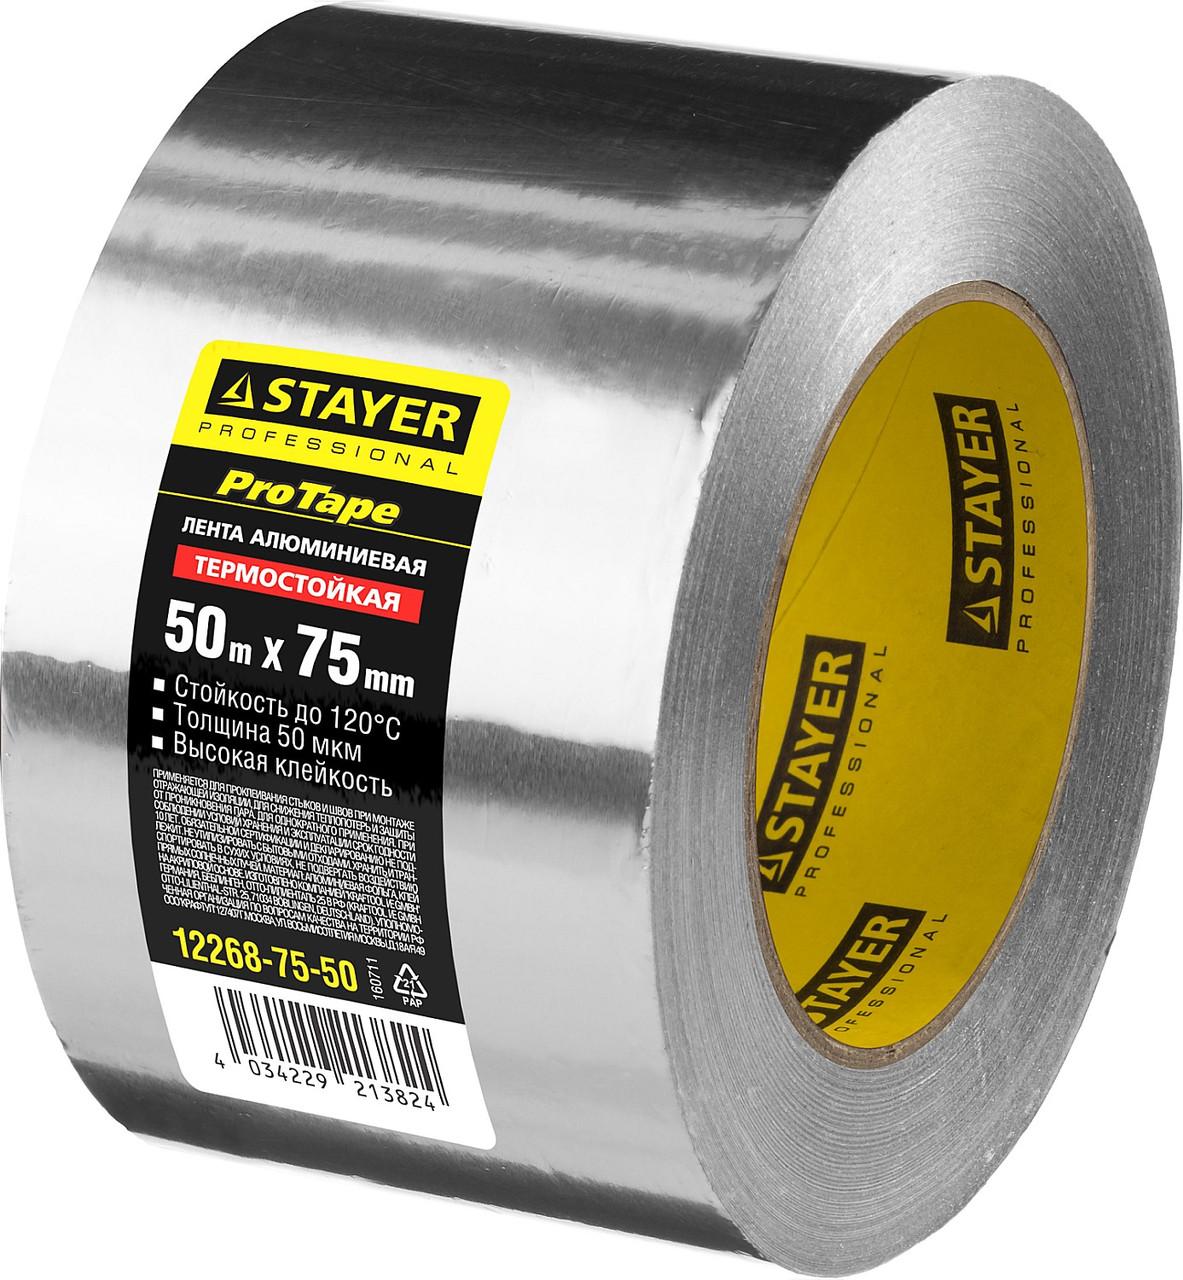 Лента клейкая алюминиевая, 50мкм, 75мм х 50м, STAYER Professional